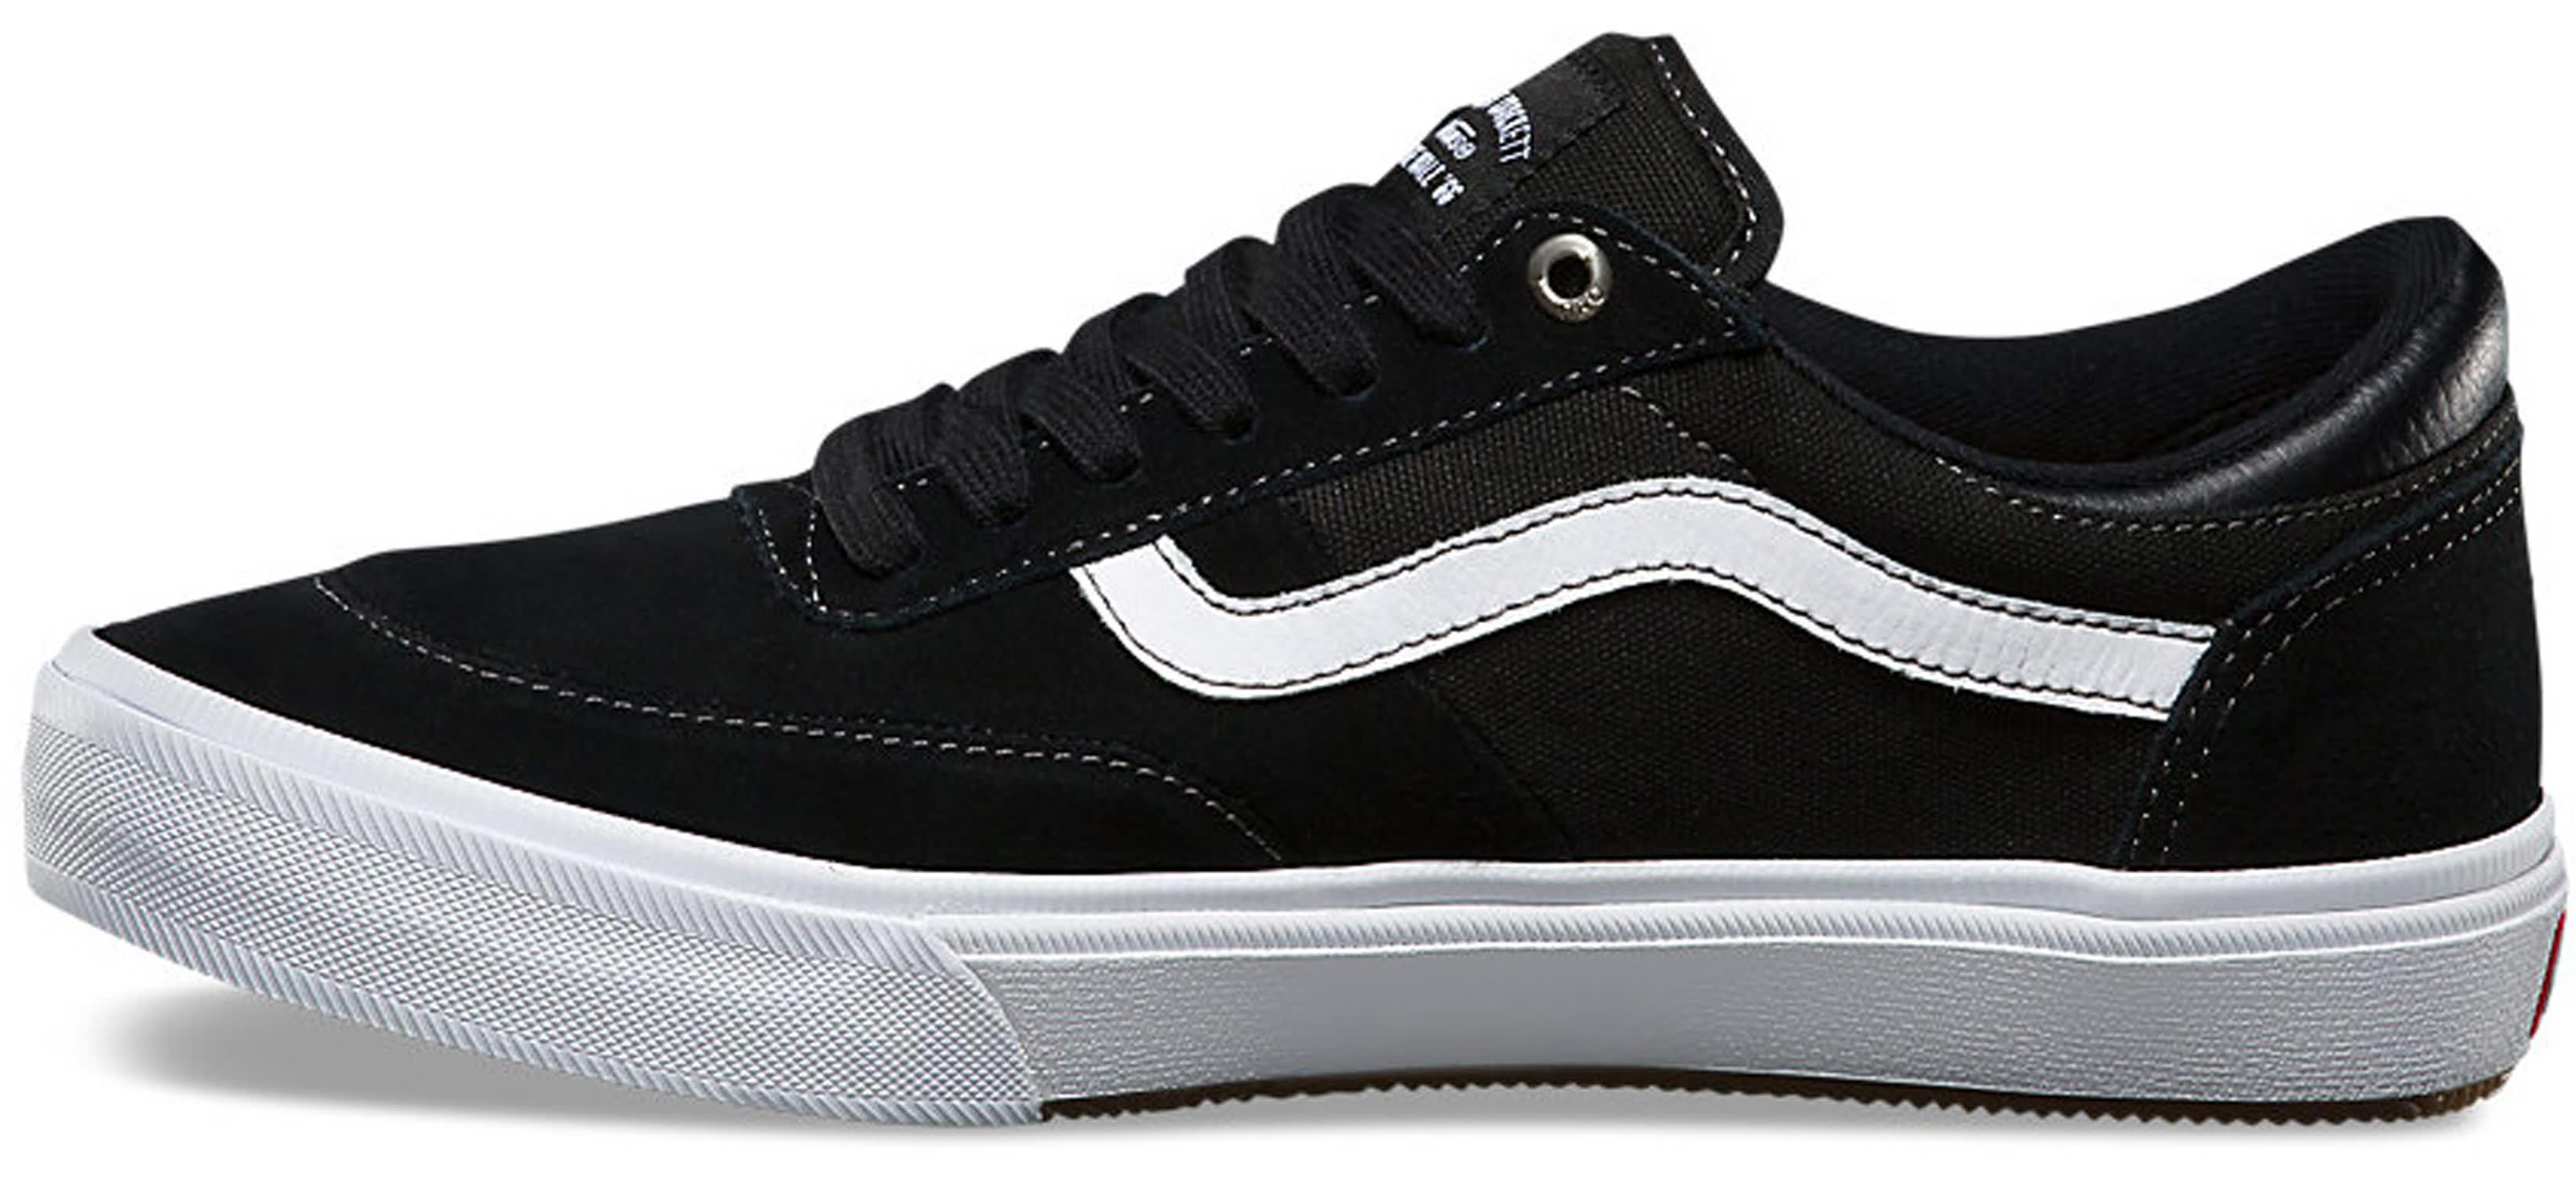 2852b71d1f76 Vans Gilbert Crockett Pro 2 Skate Shoes - thumbnail 3